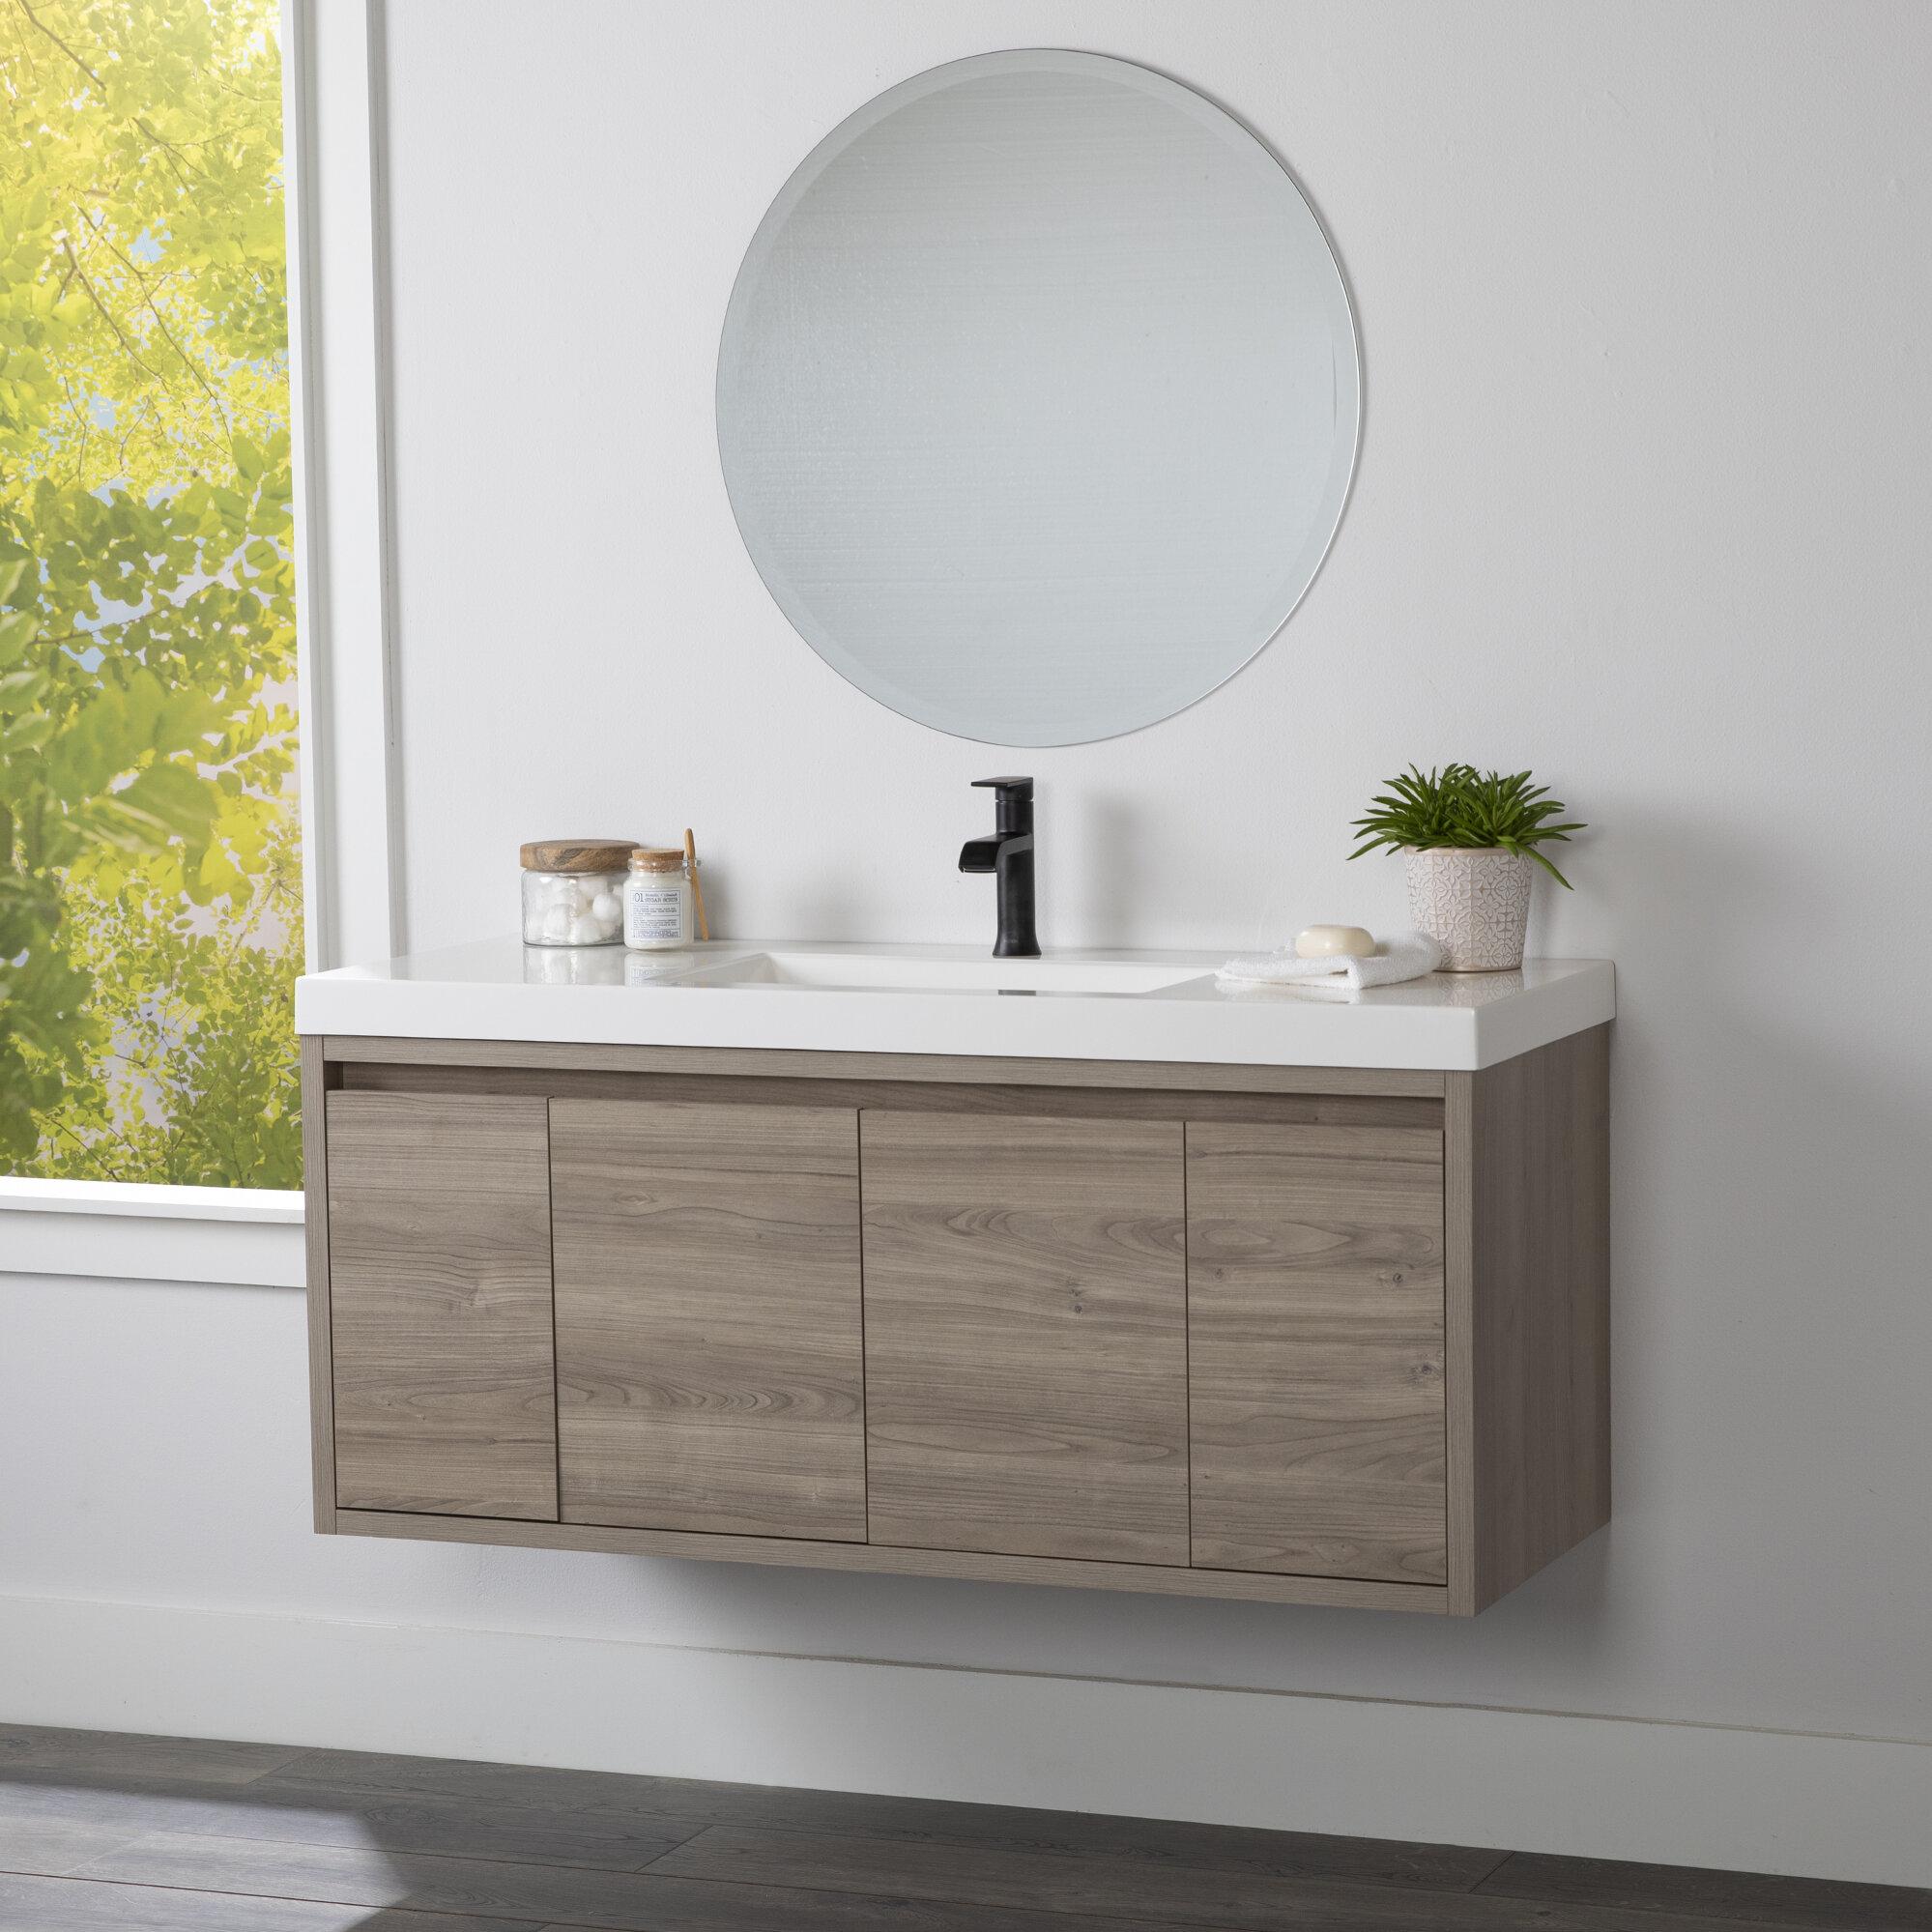 48 Inch Wood Bathroom Vanities You Ll Love In 2021 Wayfair